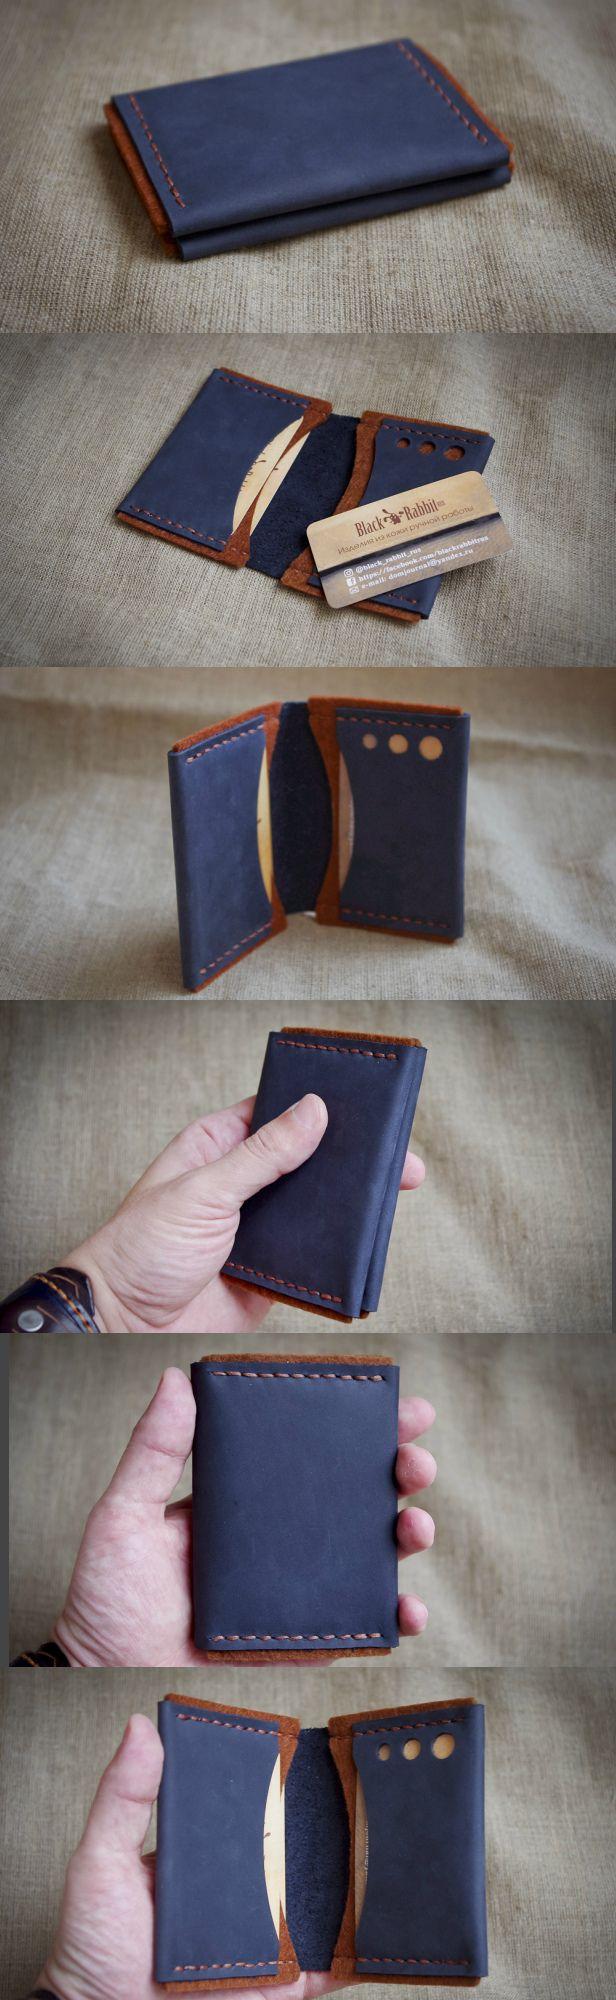 Minimalist Wallet, Best Leather Wallet, Slim Wallet, Cardholder  Картхолдер. Синяя кожа крейзи-хорз + коричневый флис 3 мм. Чисто под карты, размер в сложенном виде 8х11 см. Очень приятный на ощупь.